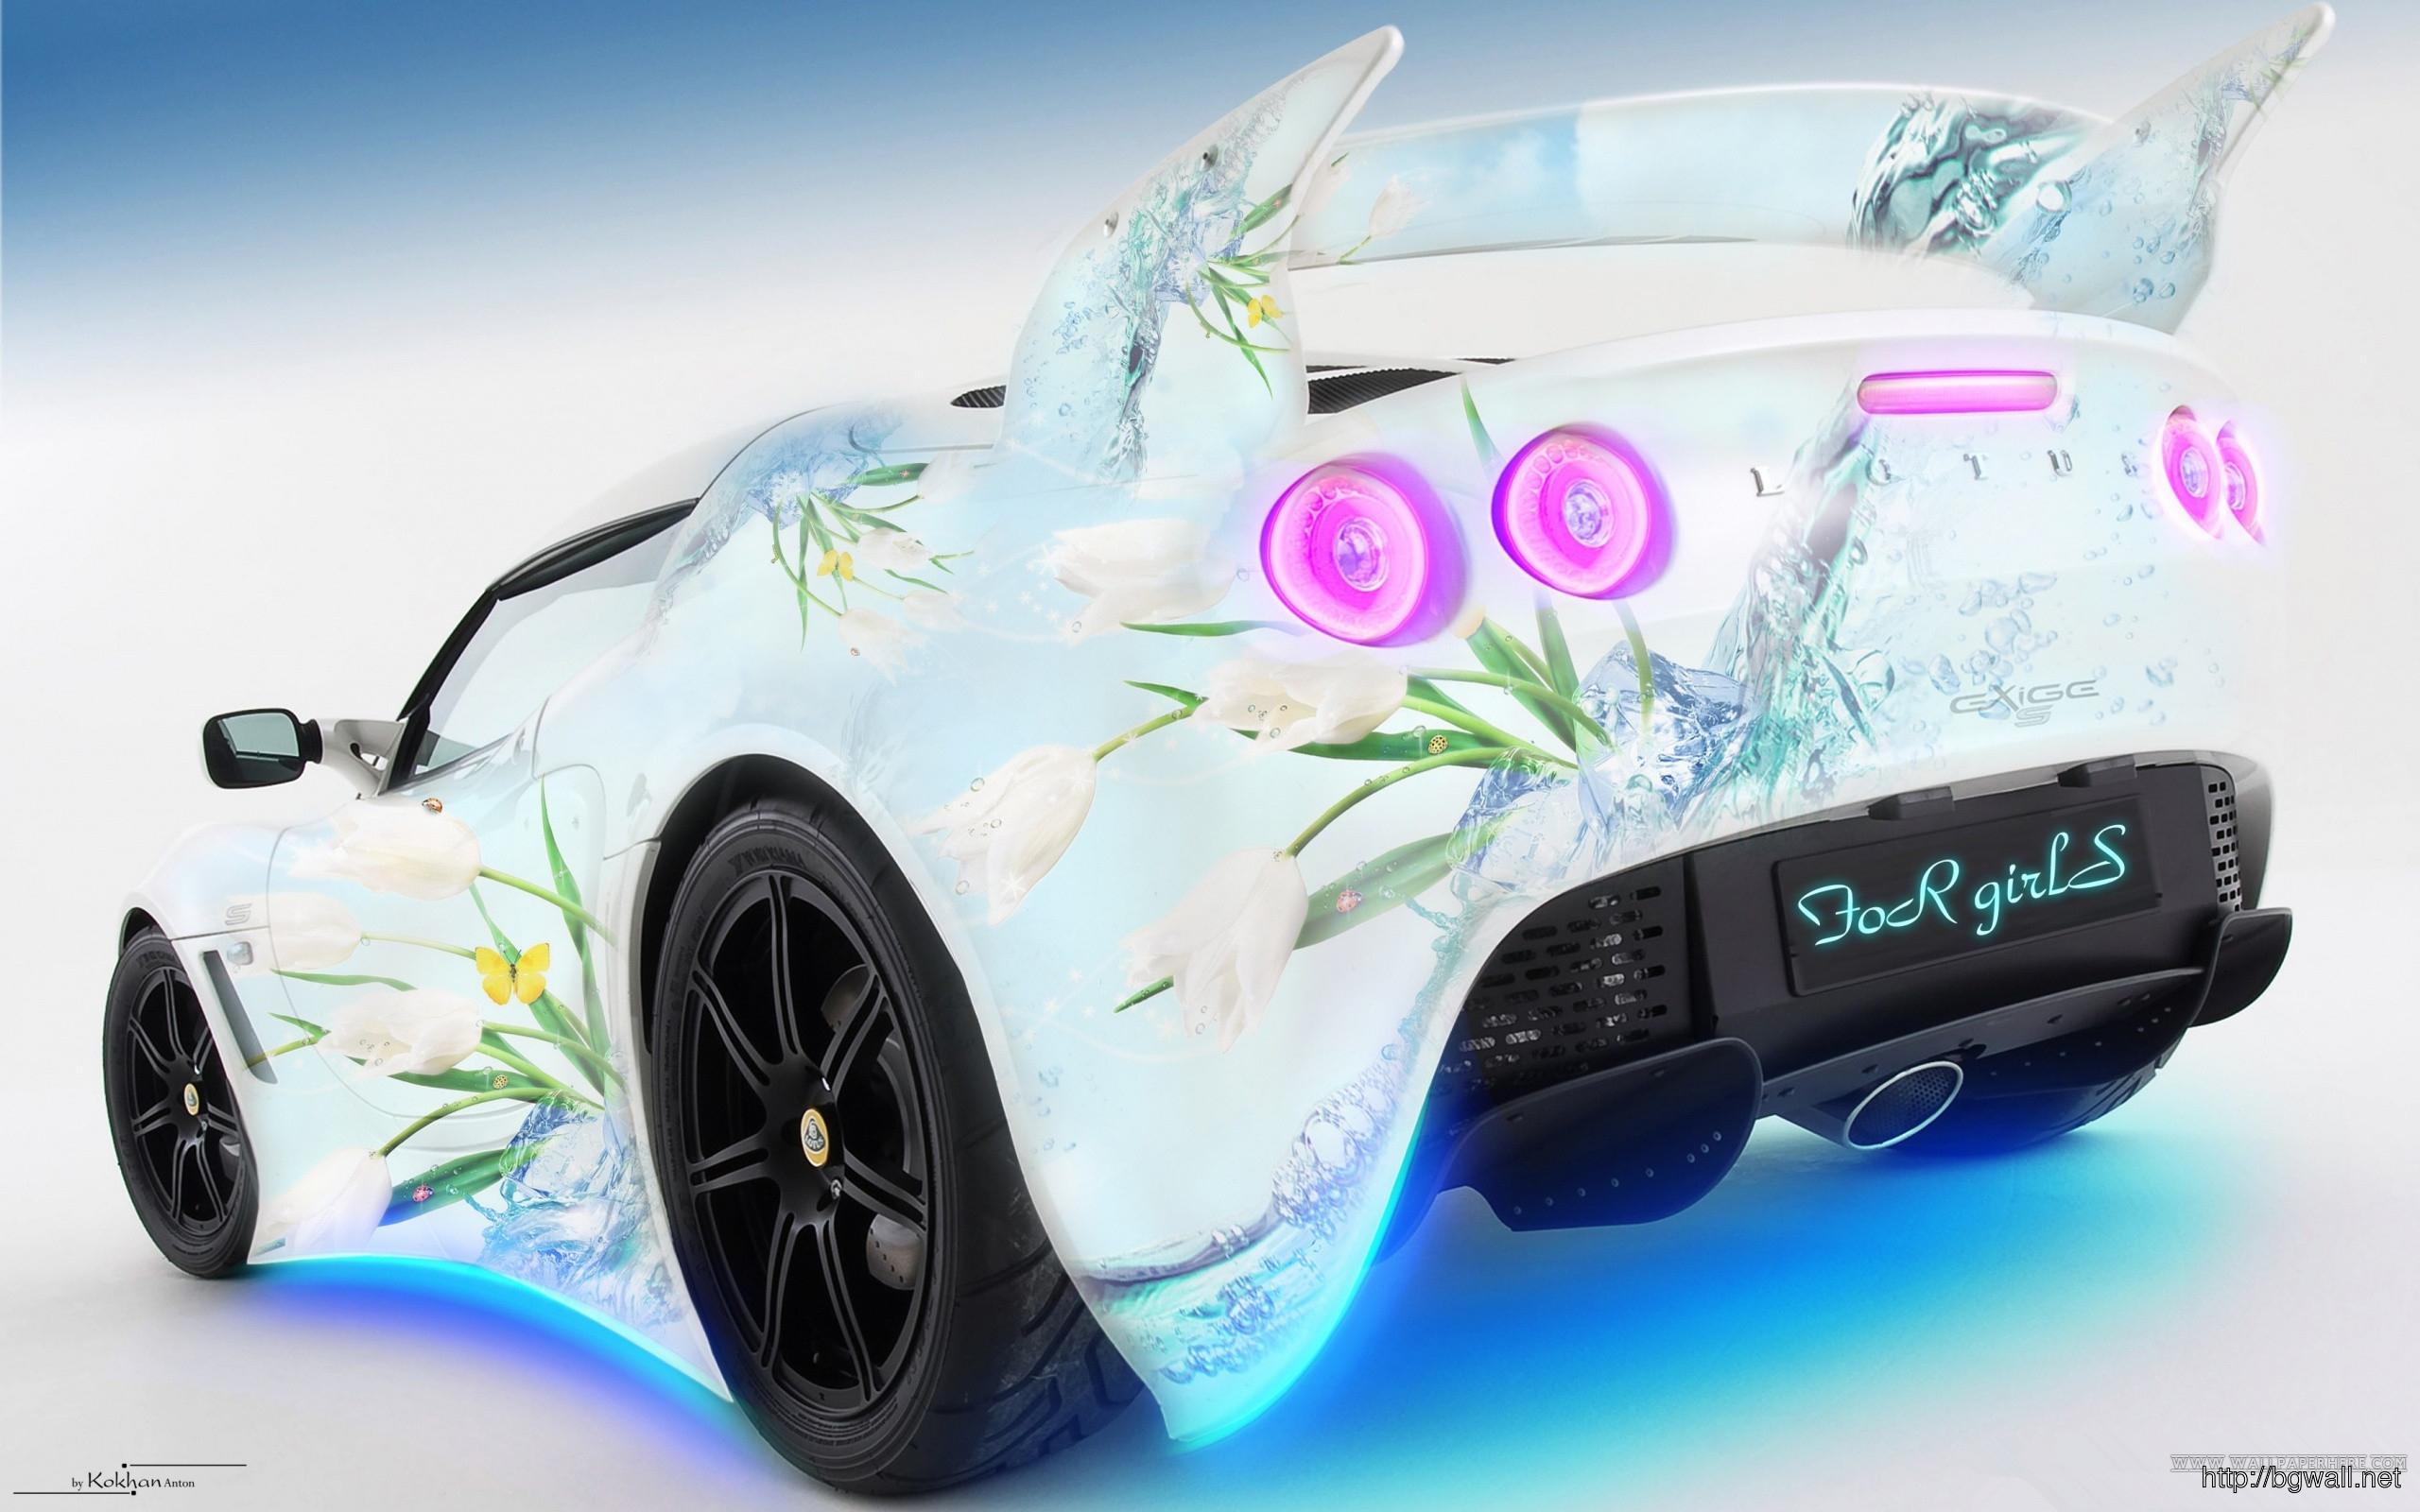 Lotus Car For Girls Wallpaper Full Size